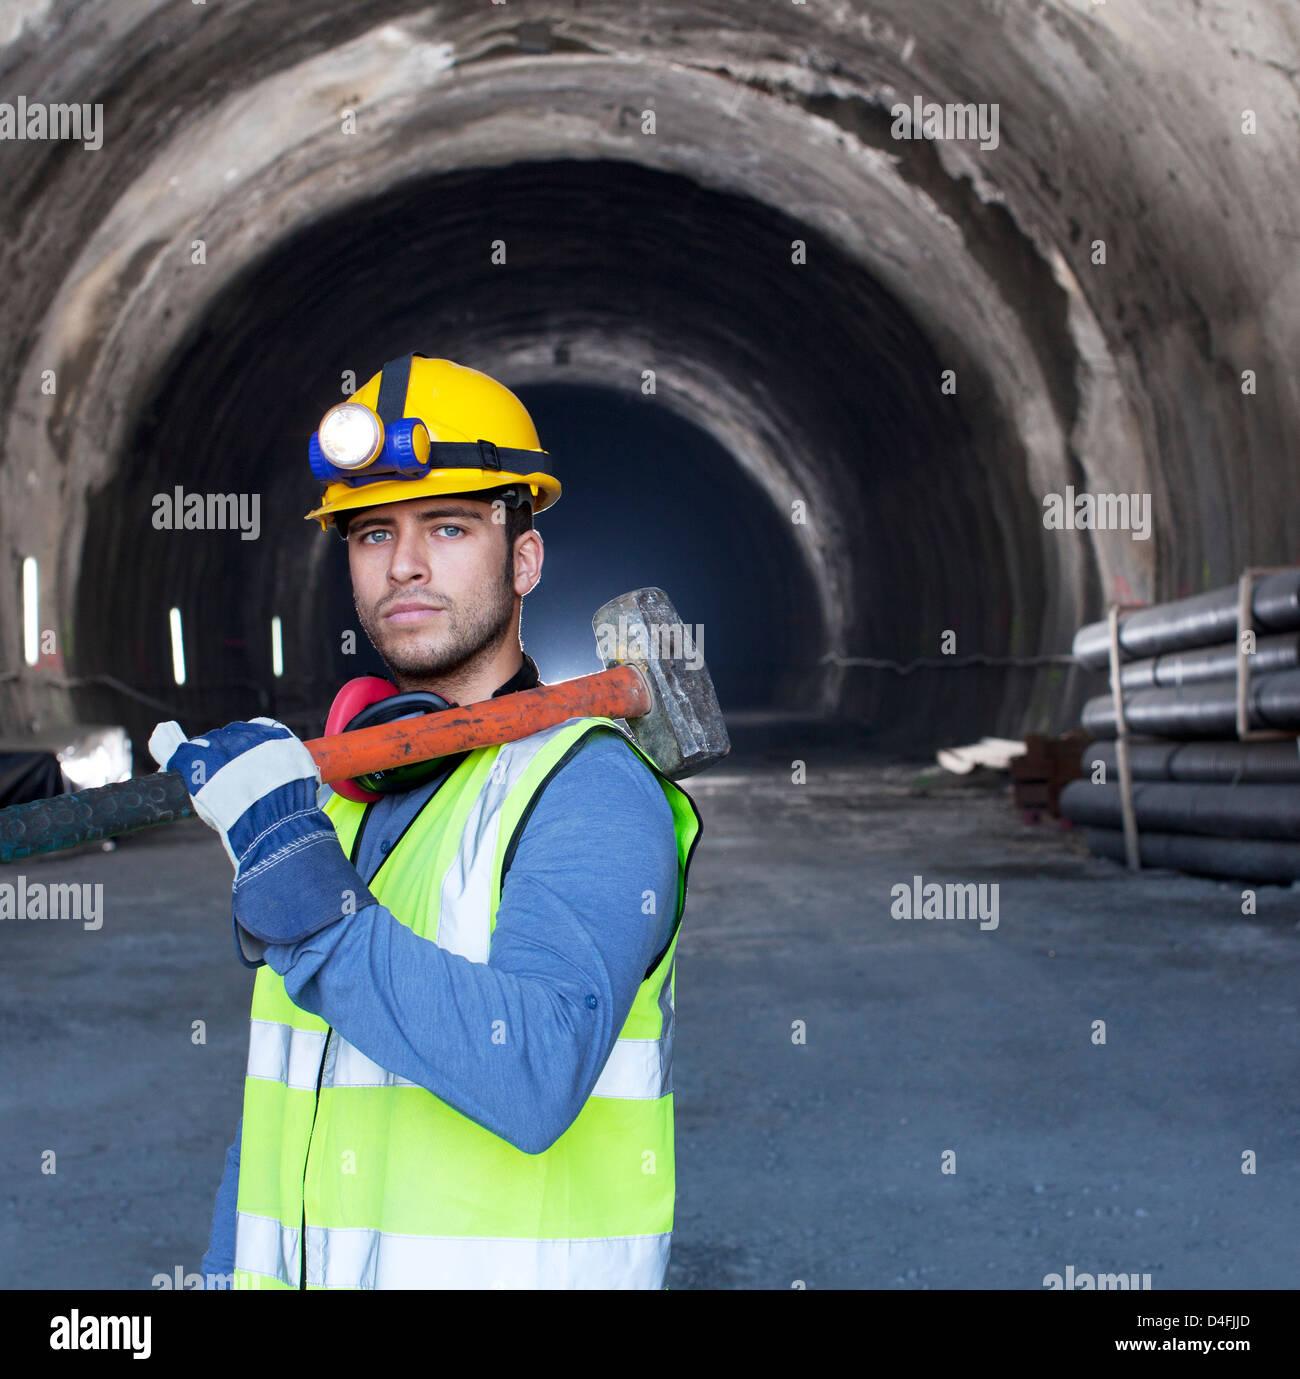 Worker holding sledgehammer dans tunnel Photo Stock